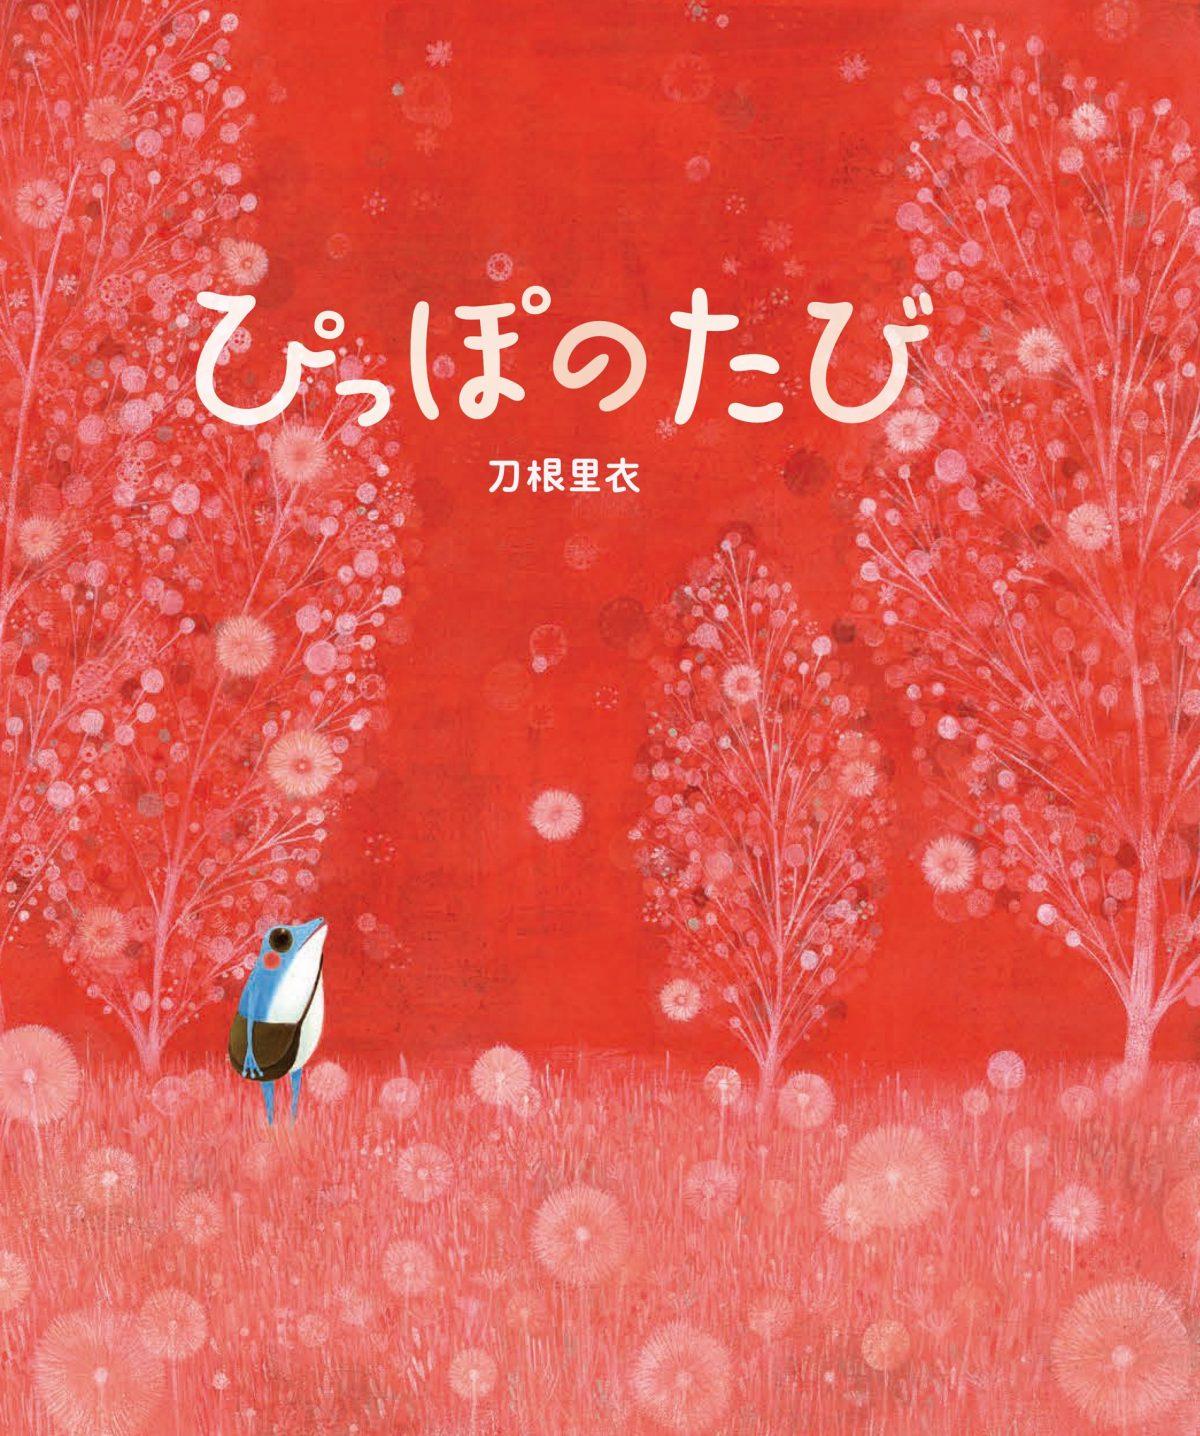 絵本「ぴっぽのたび」の表紙